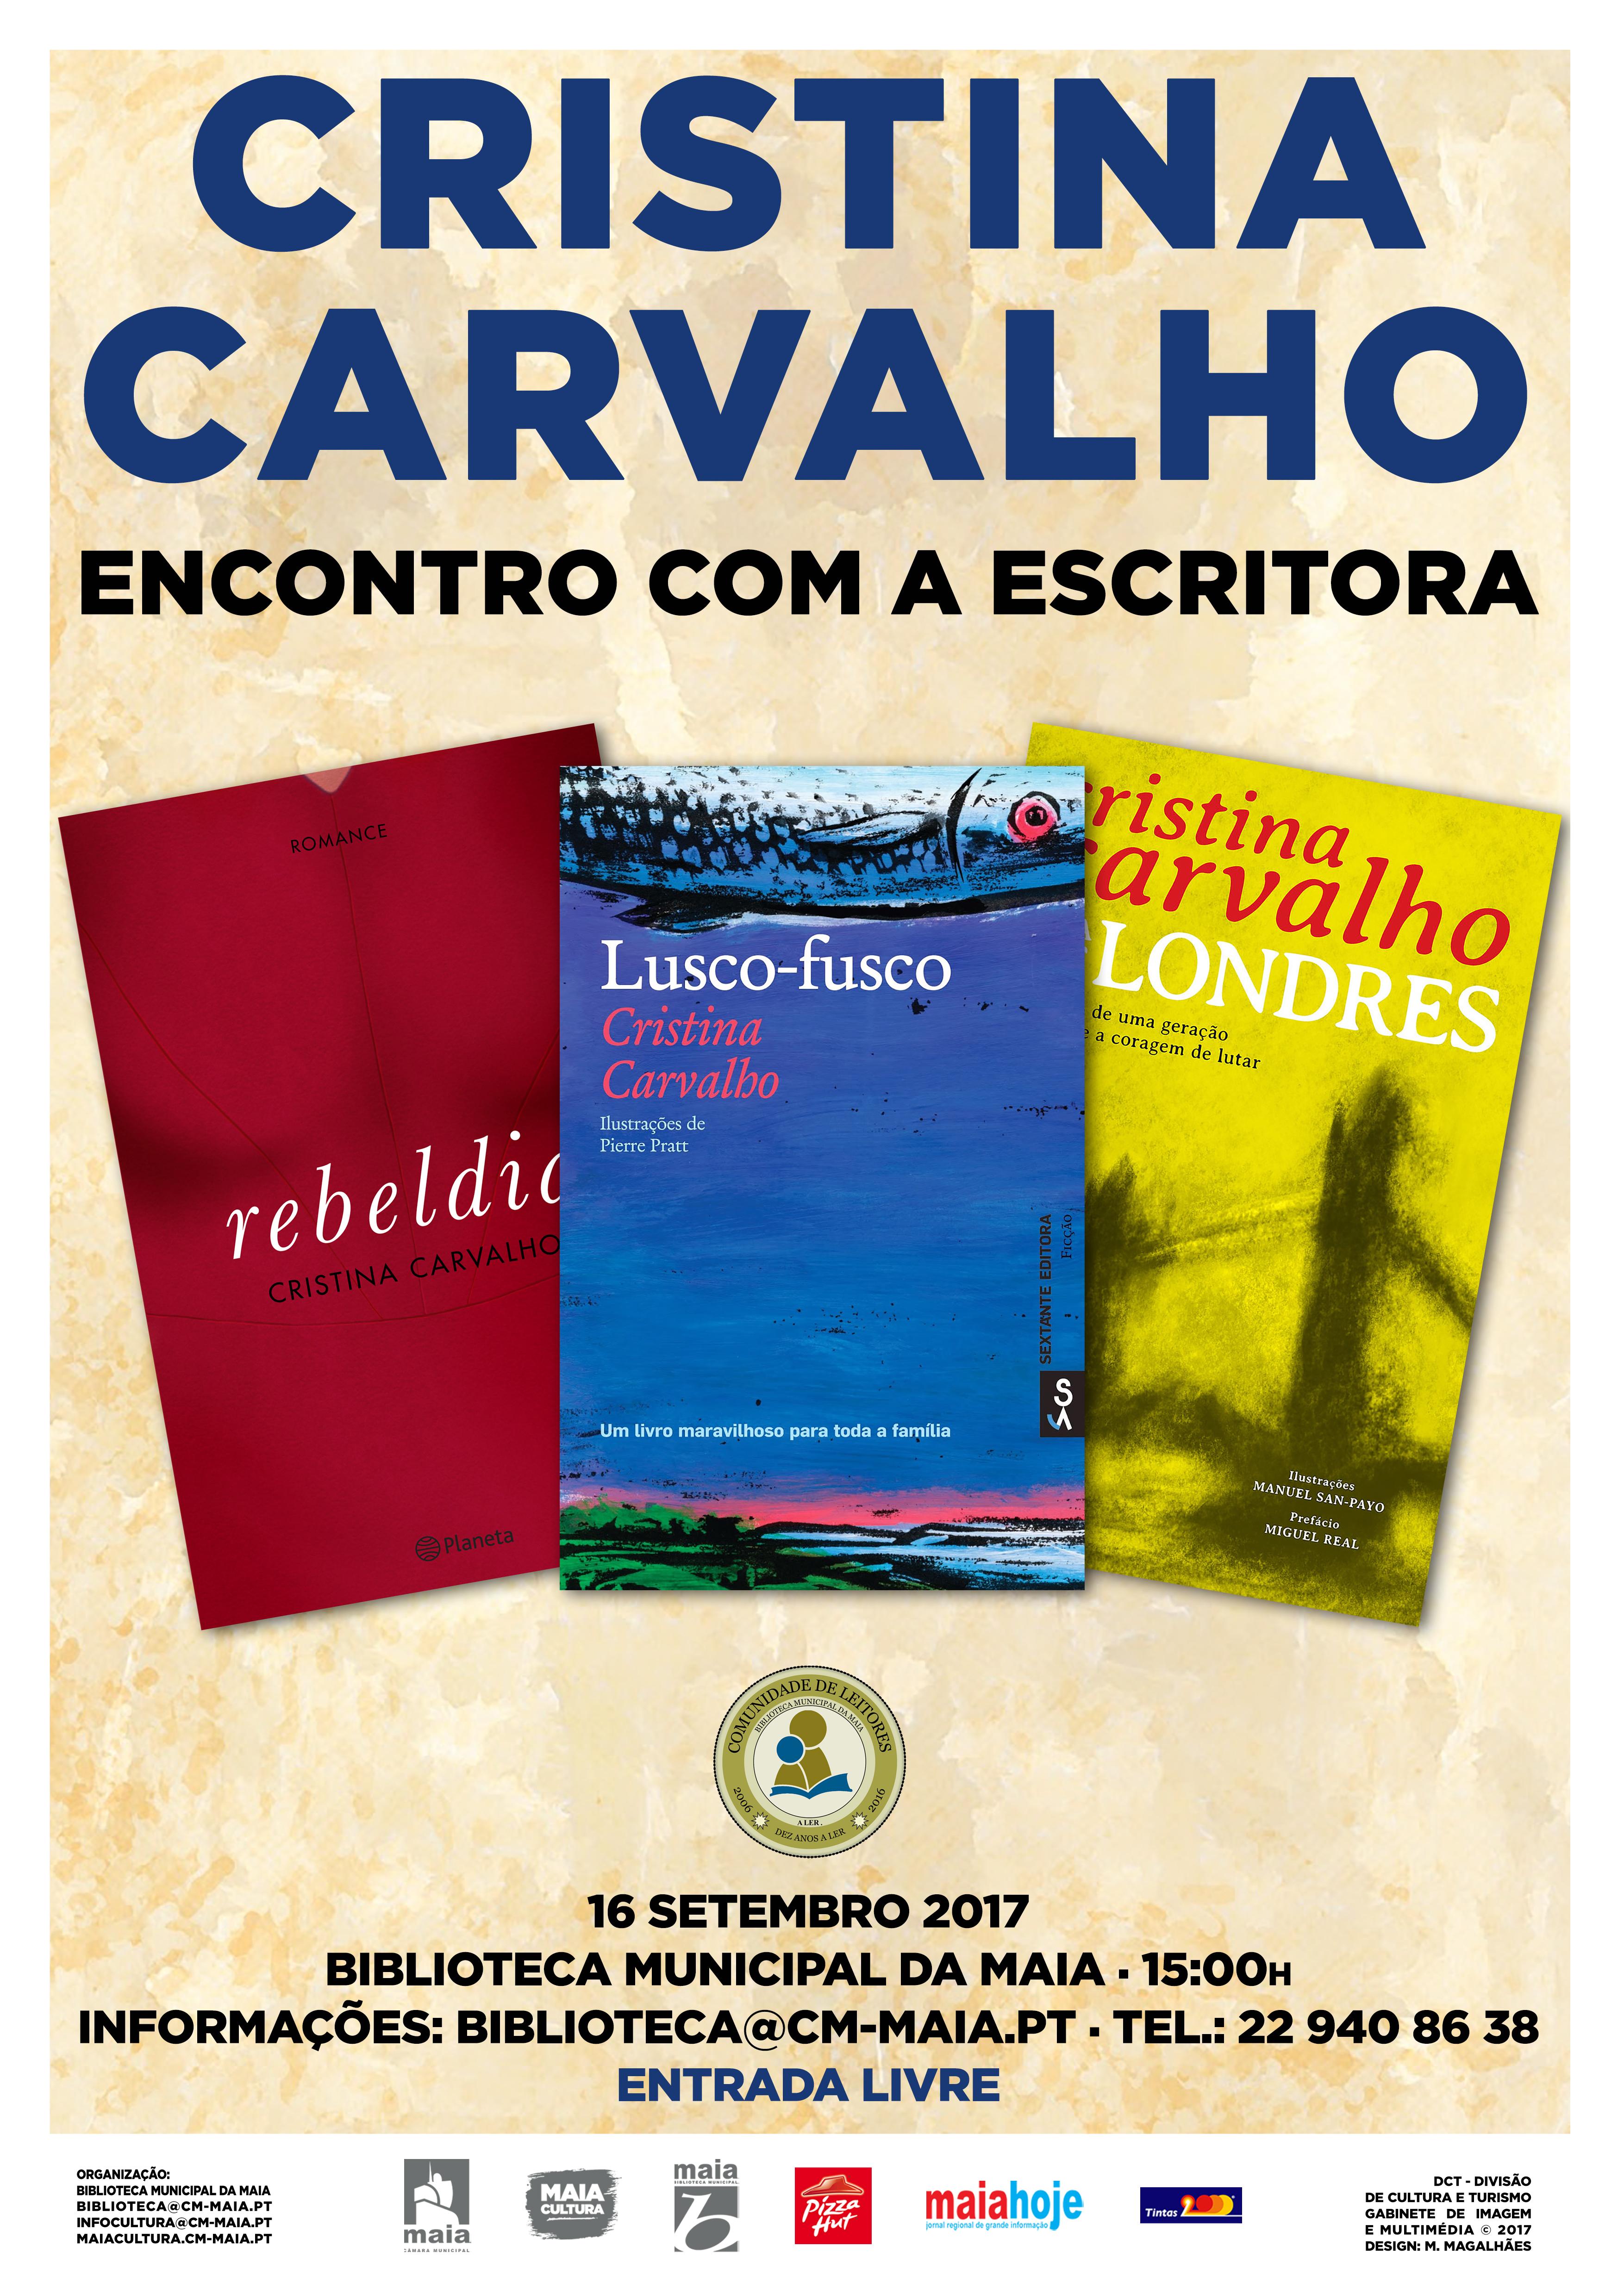 Cartaz_Cristina_Carvalho (3)